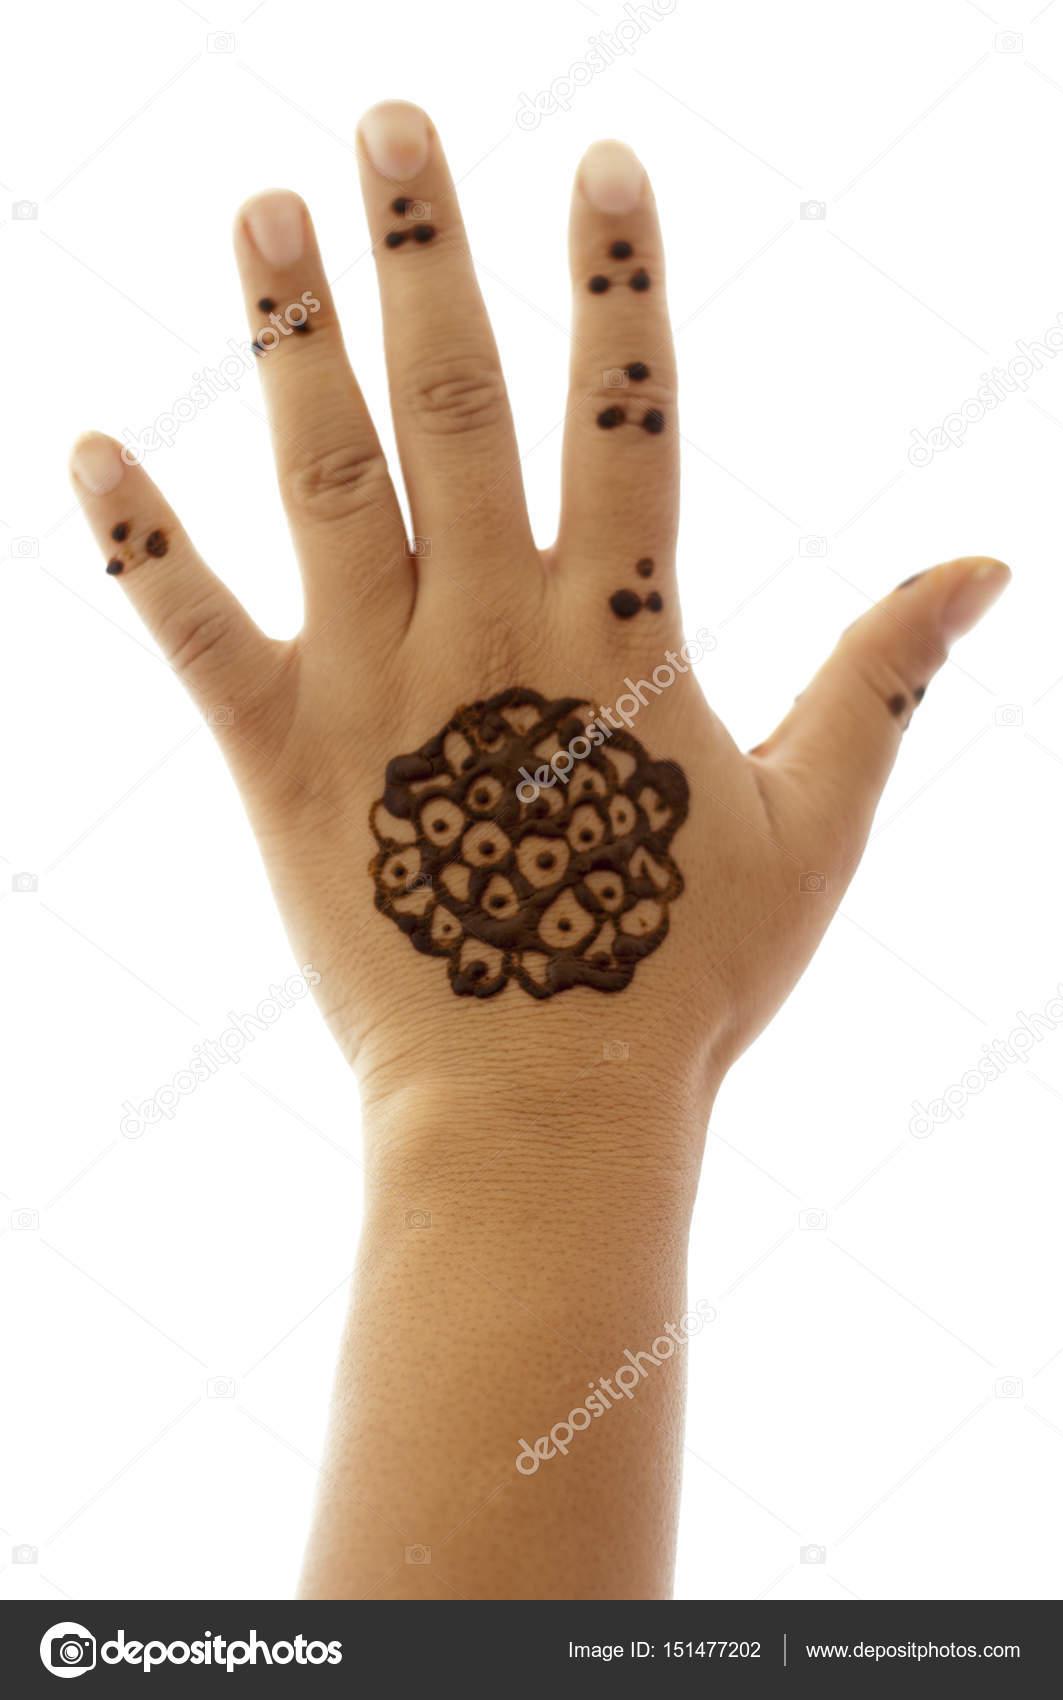 Plantillas De Tatuajes De Henna Para Manos Manos De La Mujer Con